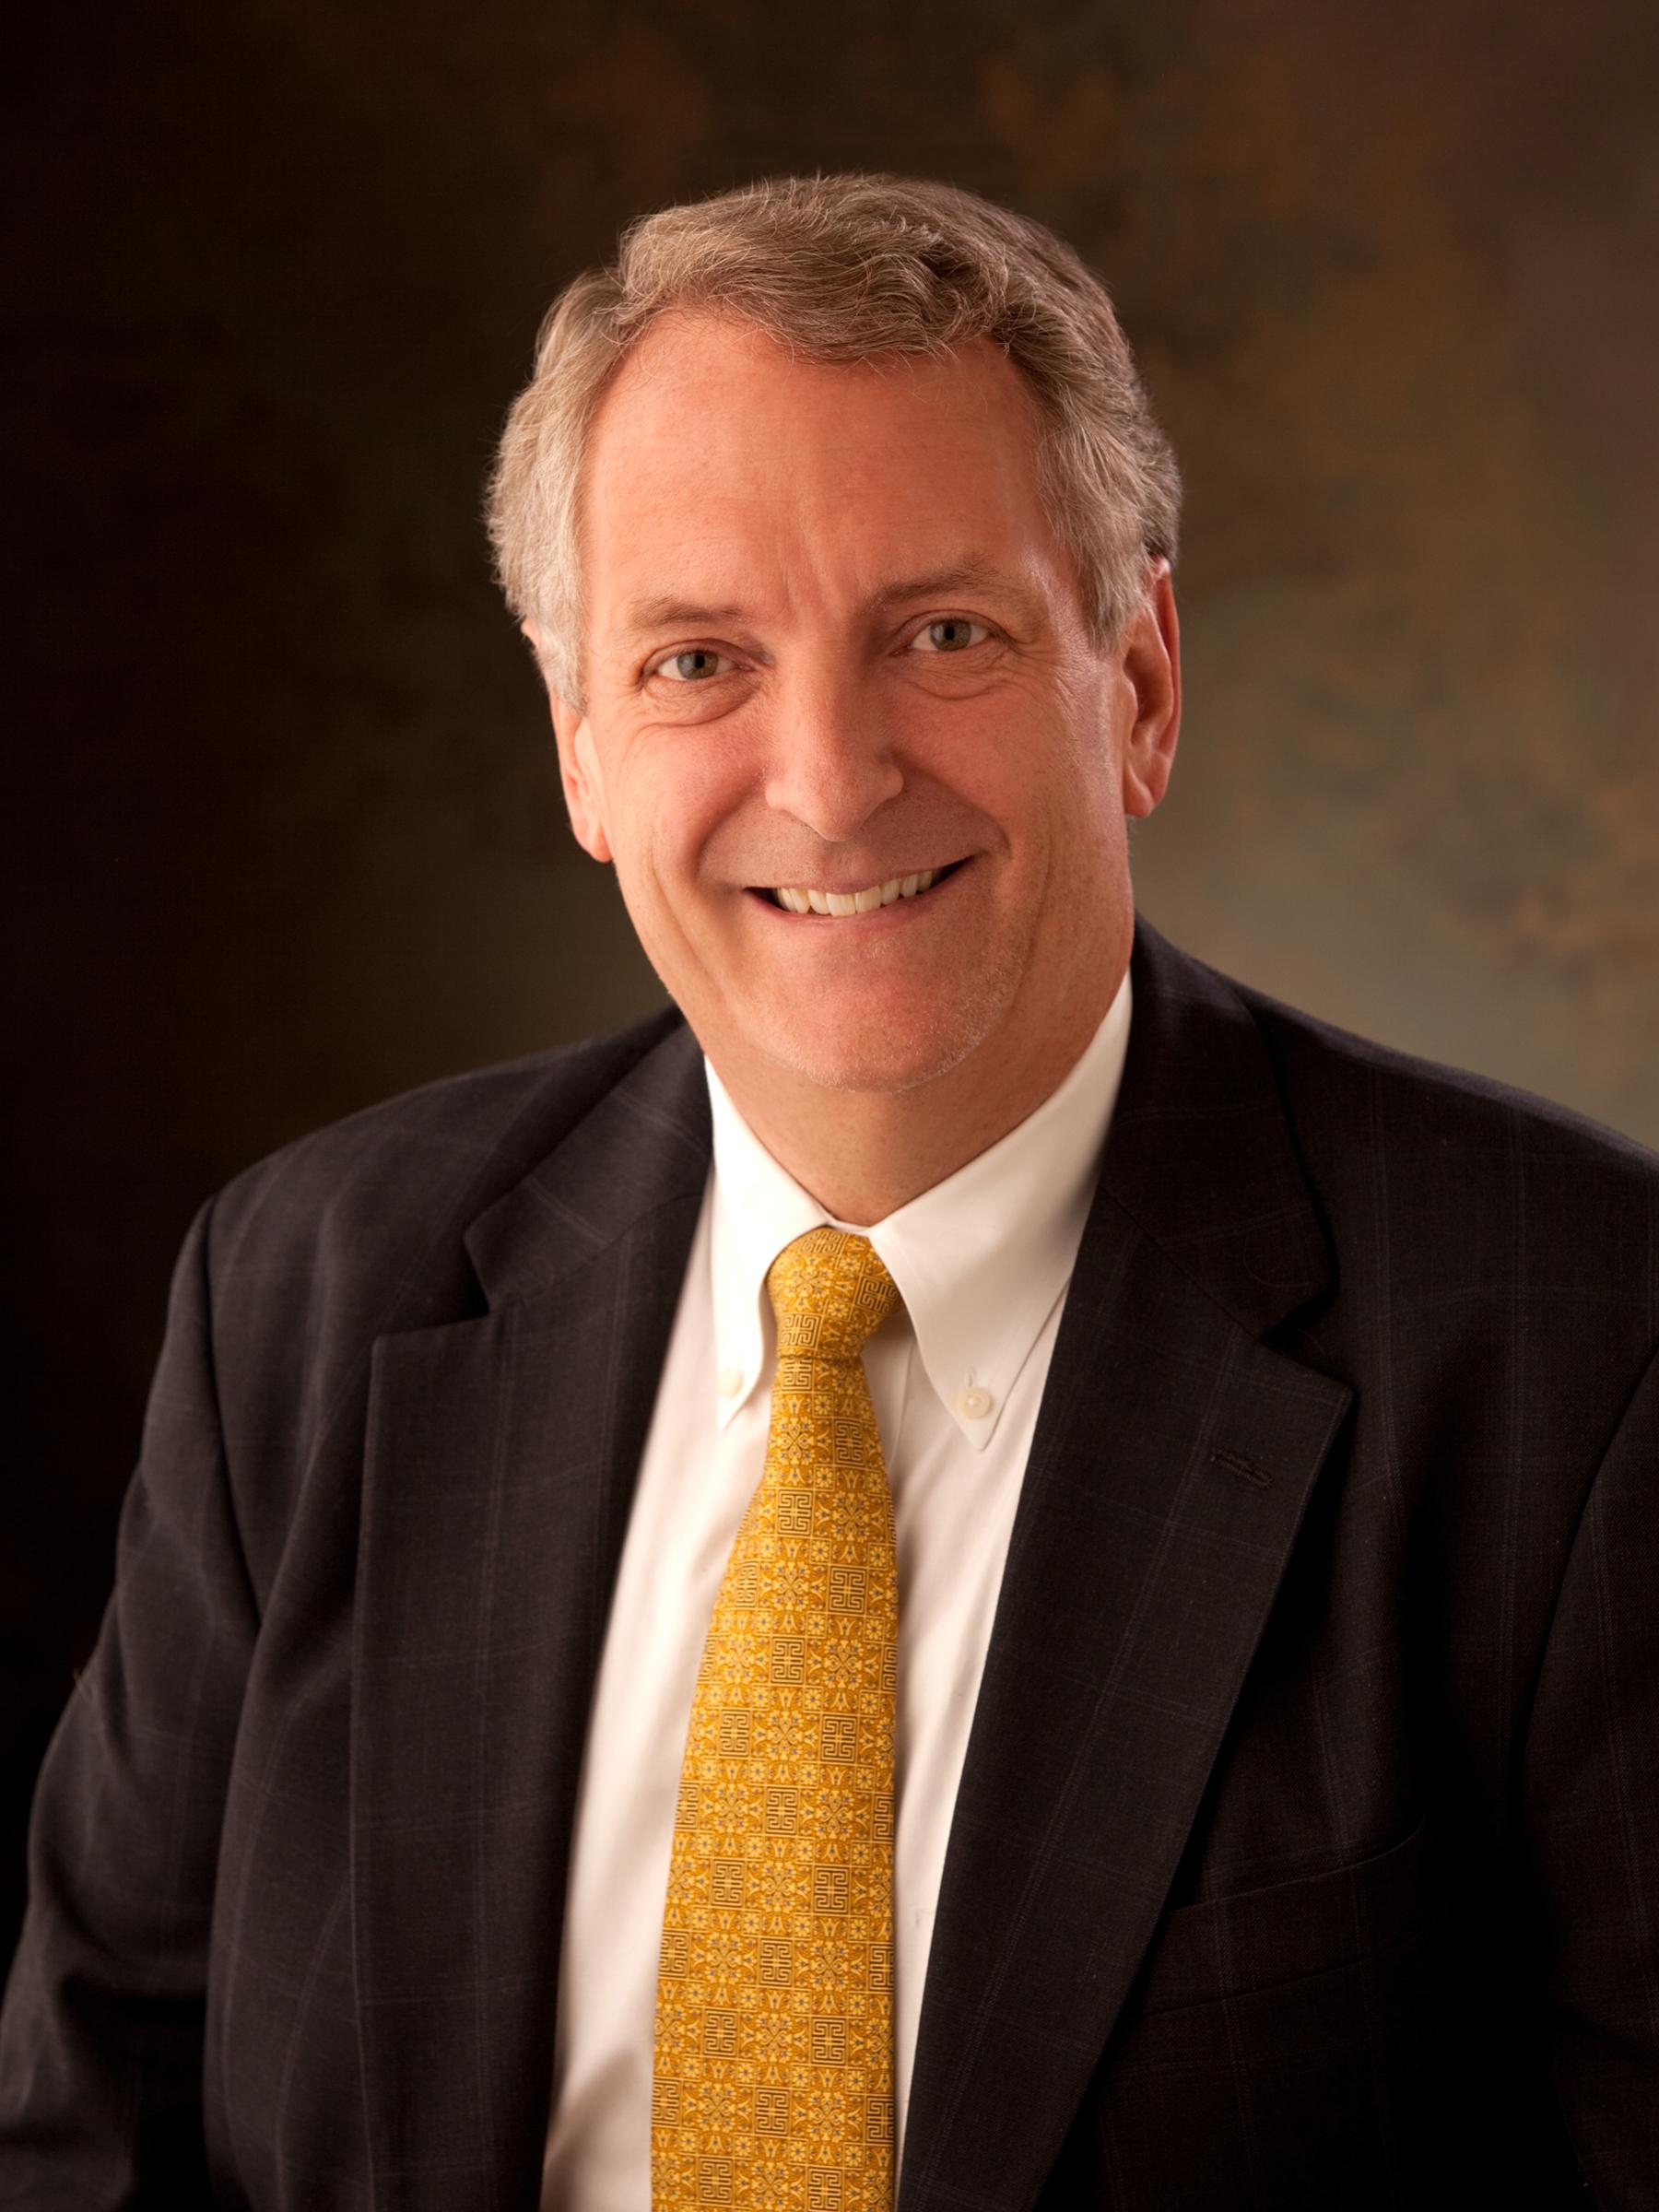 DR DAVE ULRICH